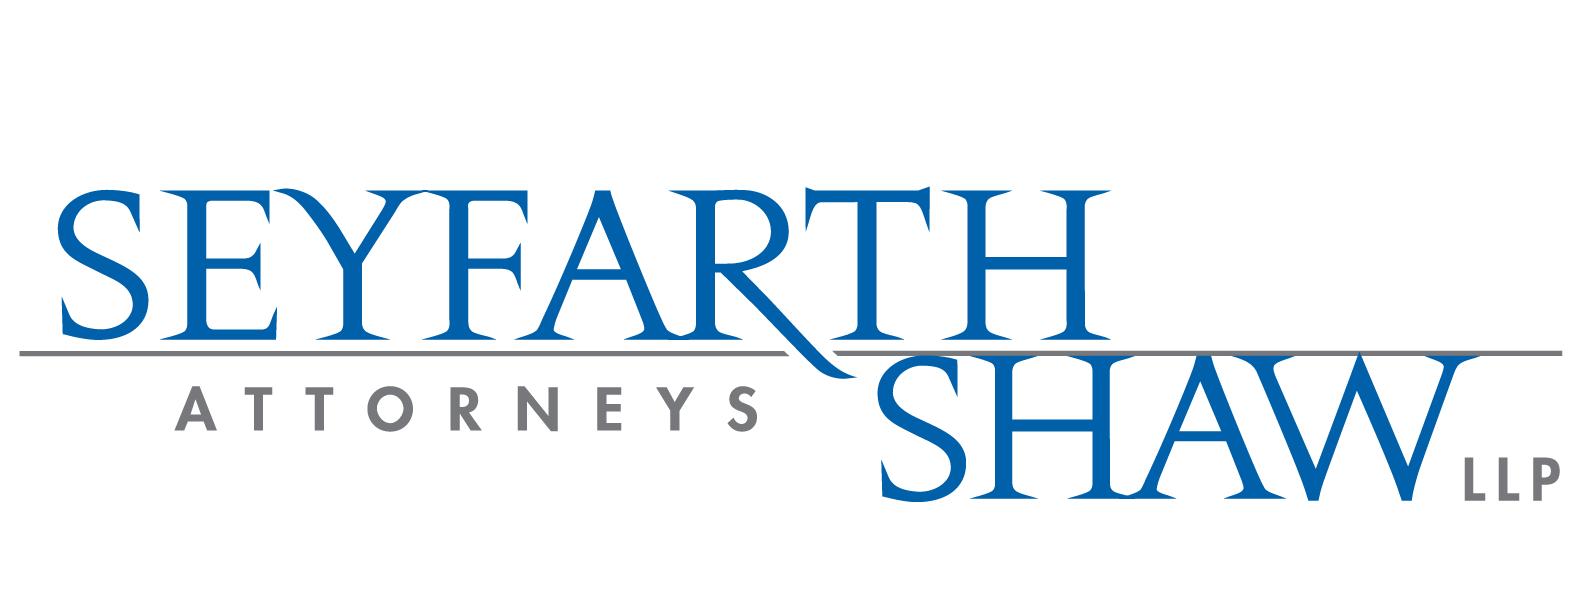 dtd seyfarth logo